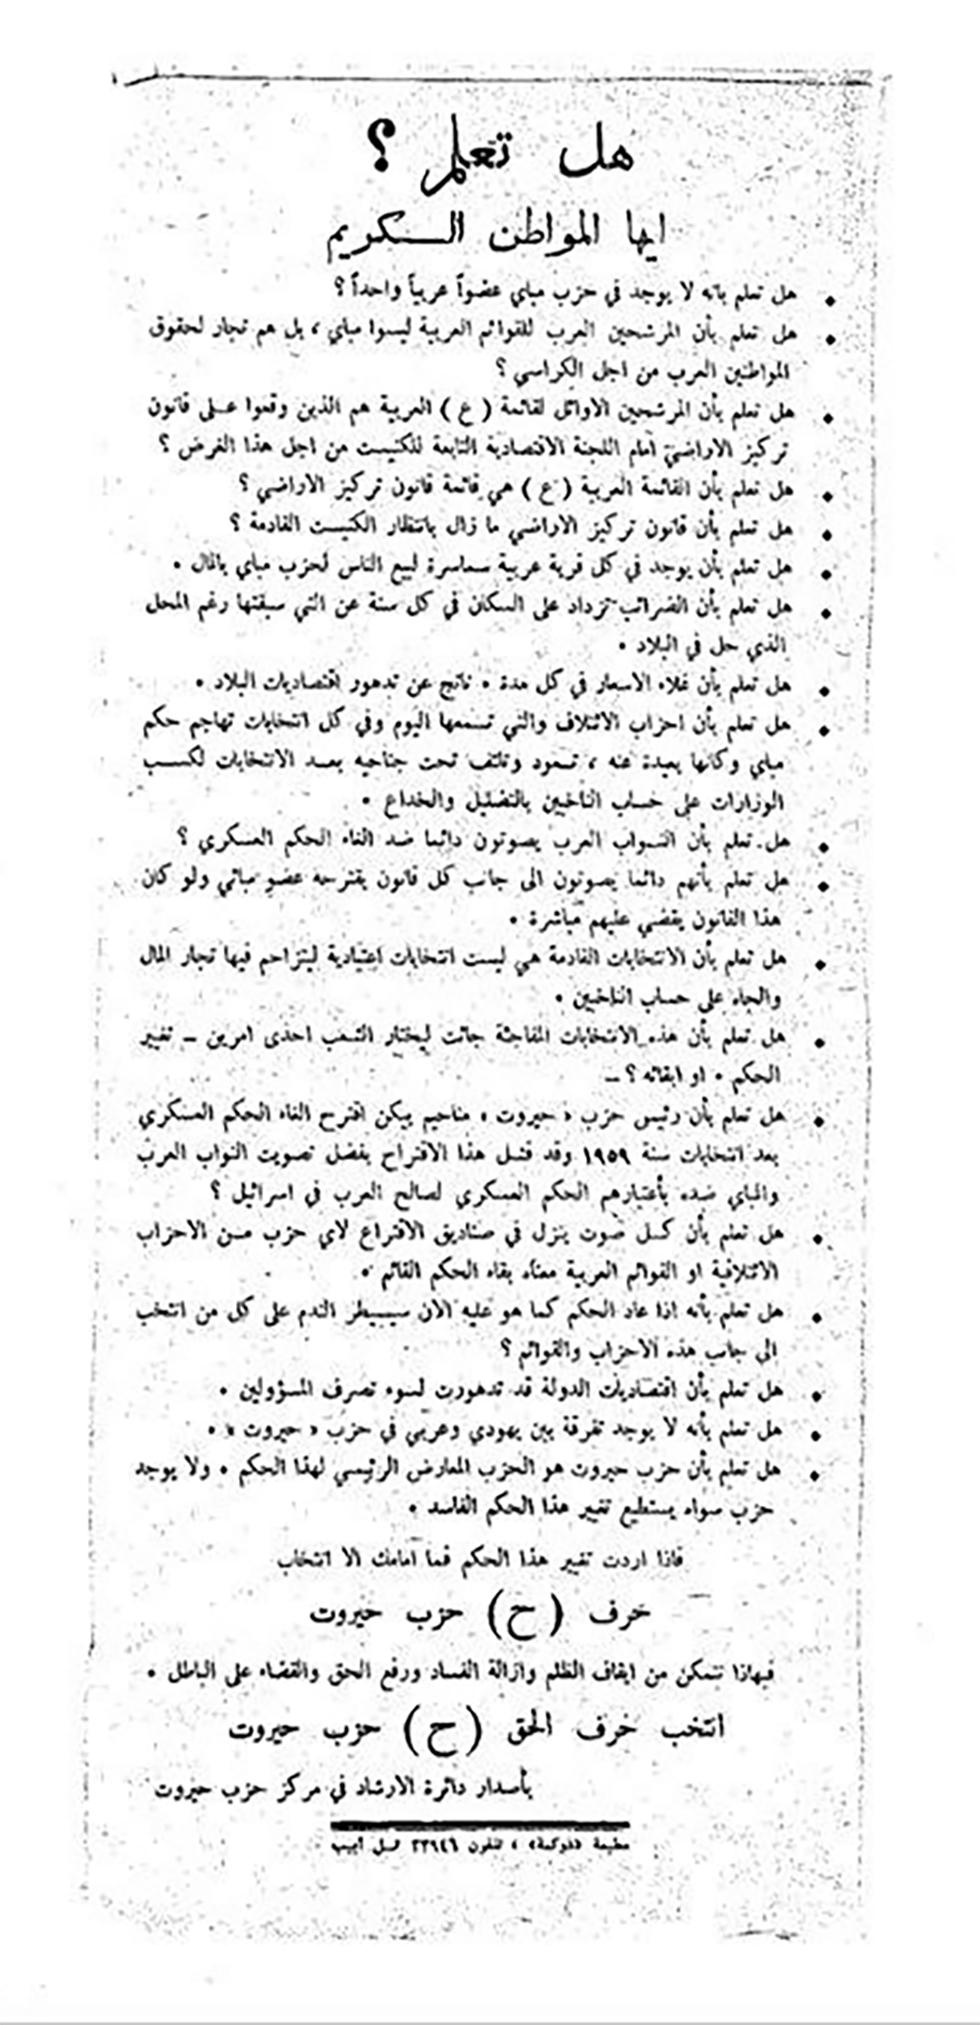 חירות מנחם בגין בחירות 1959 ערבים ישראלים ערביי ישראל (צילום: באדיבות מכון ז'בוטינסקי)